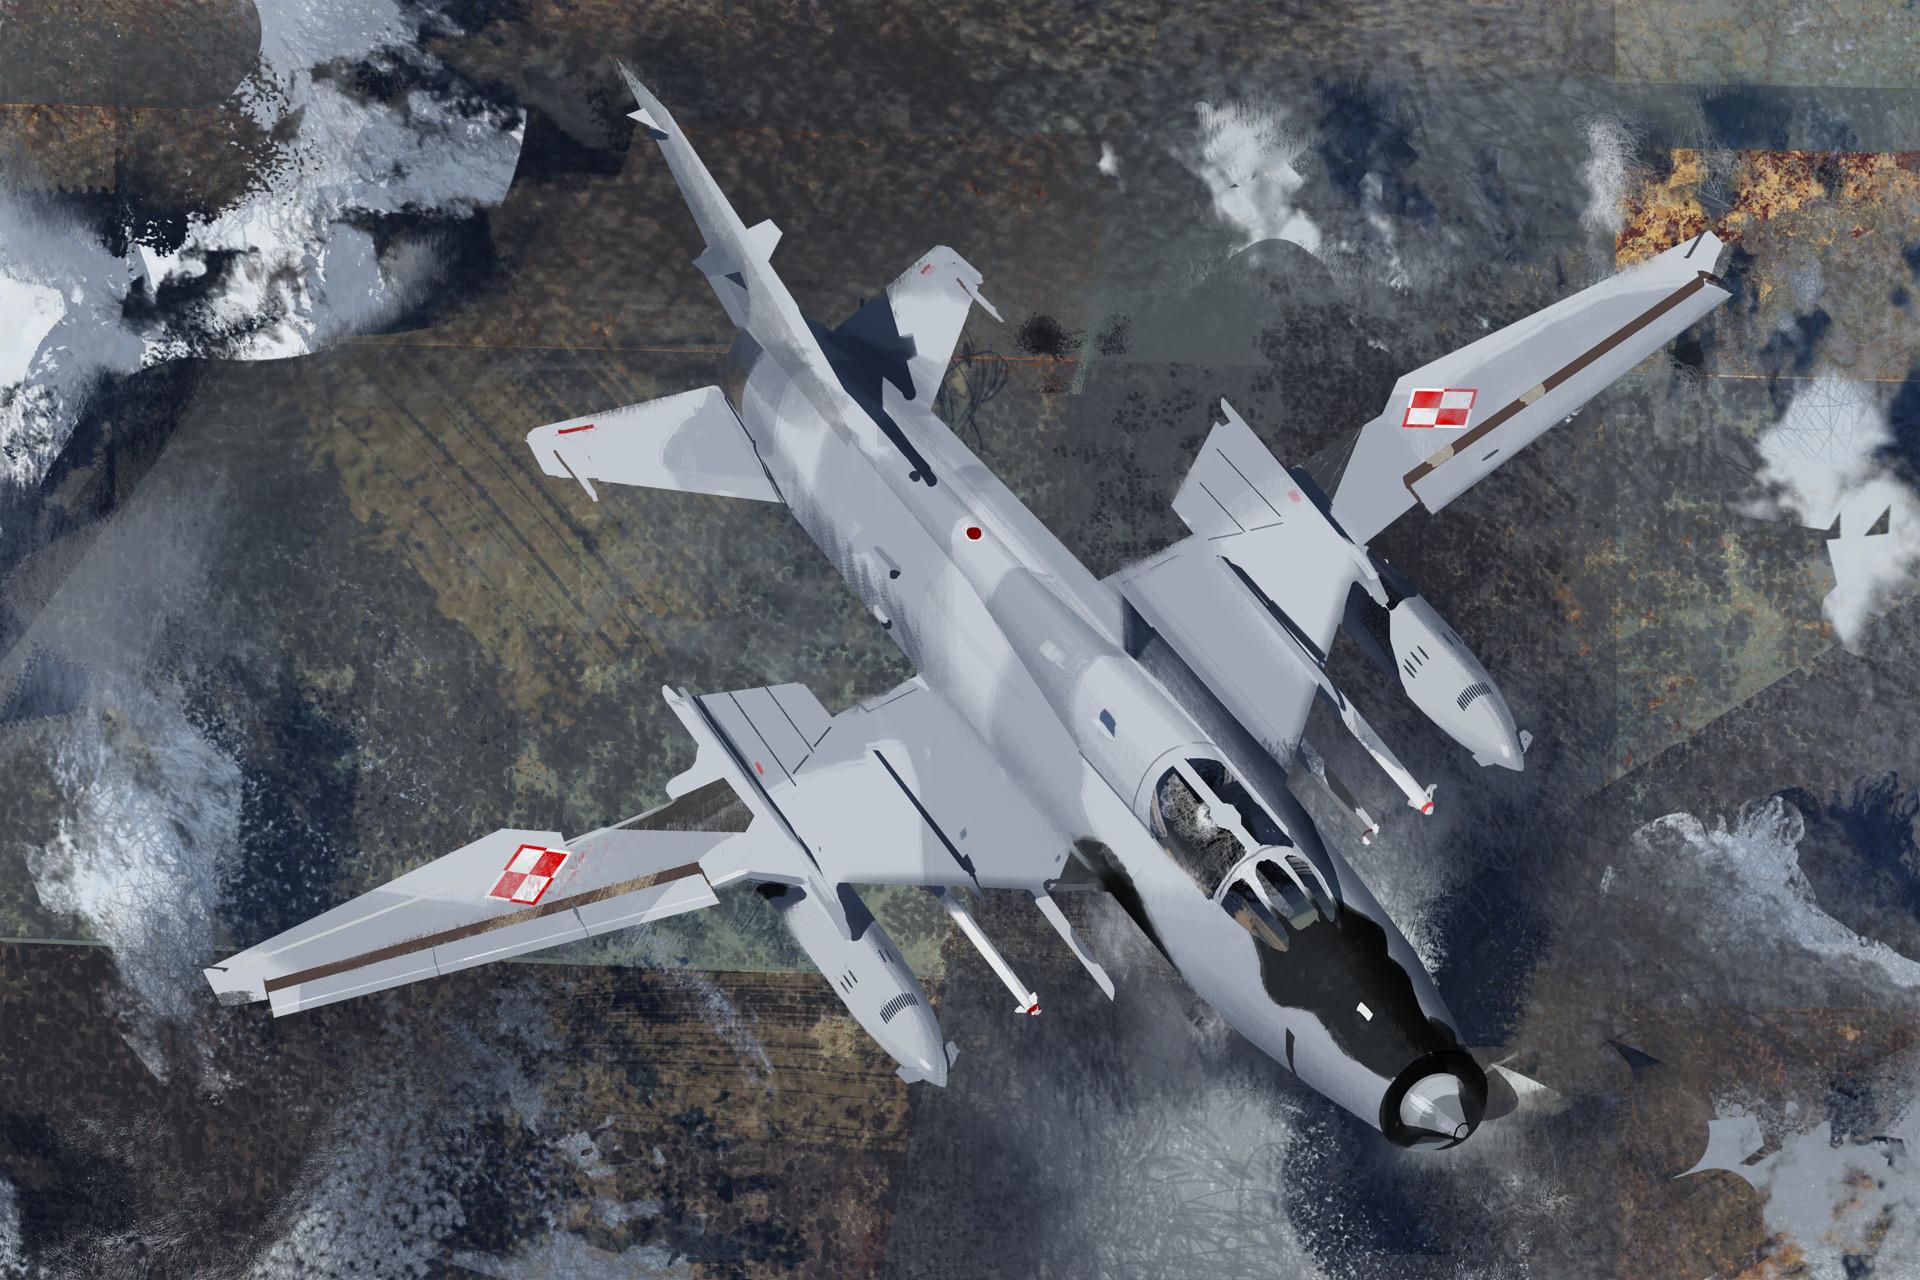 SU-22 Flight Study